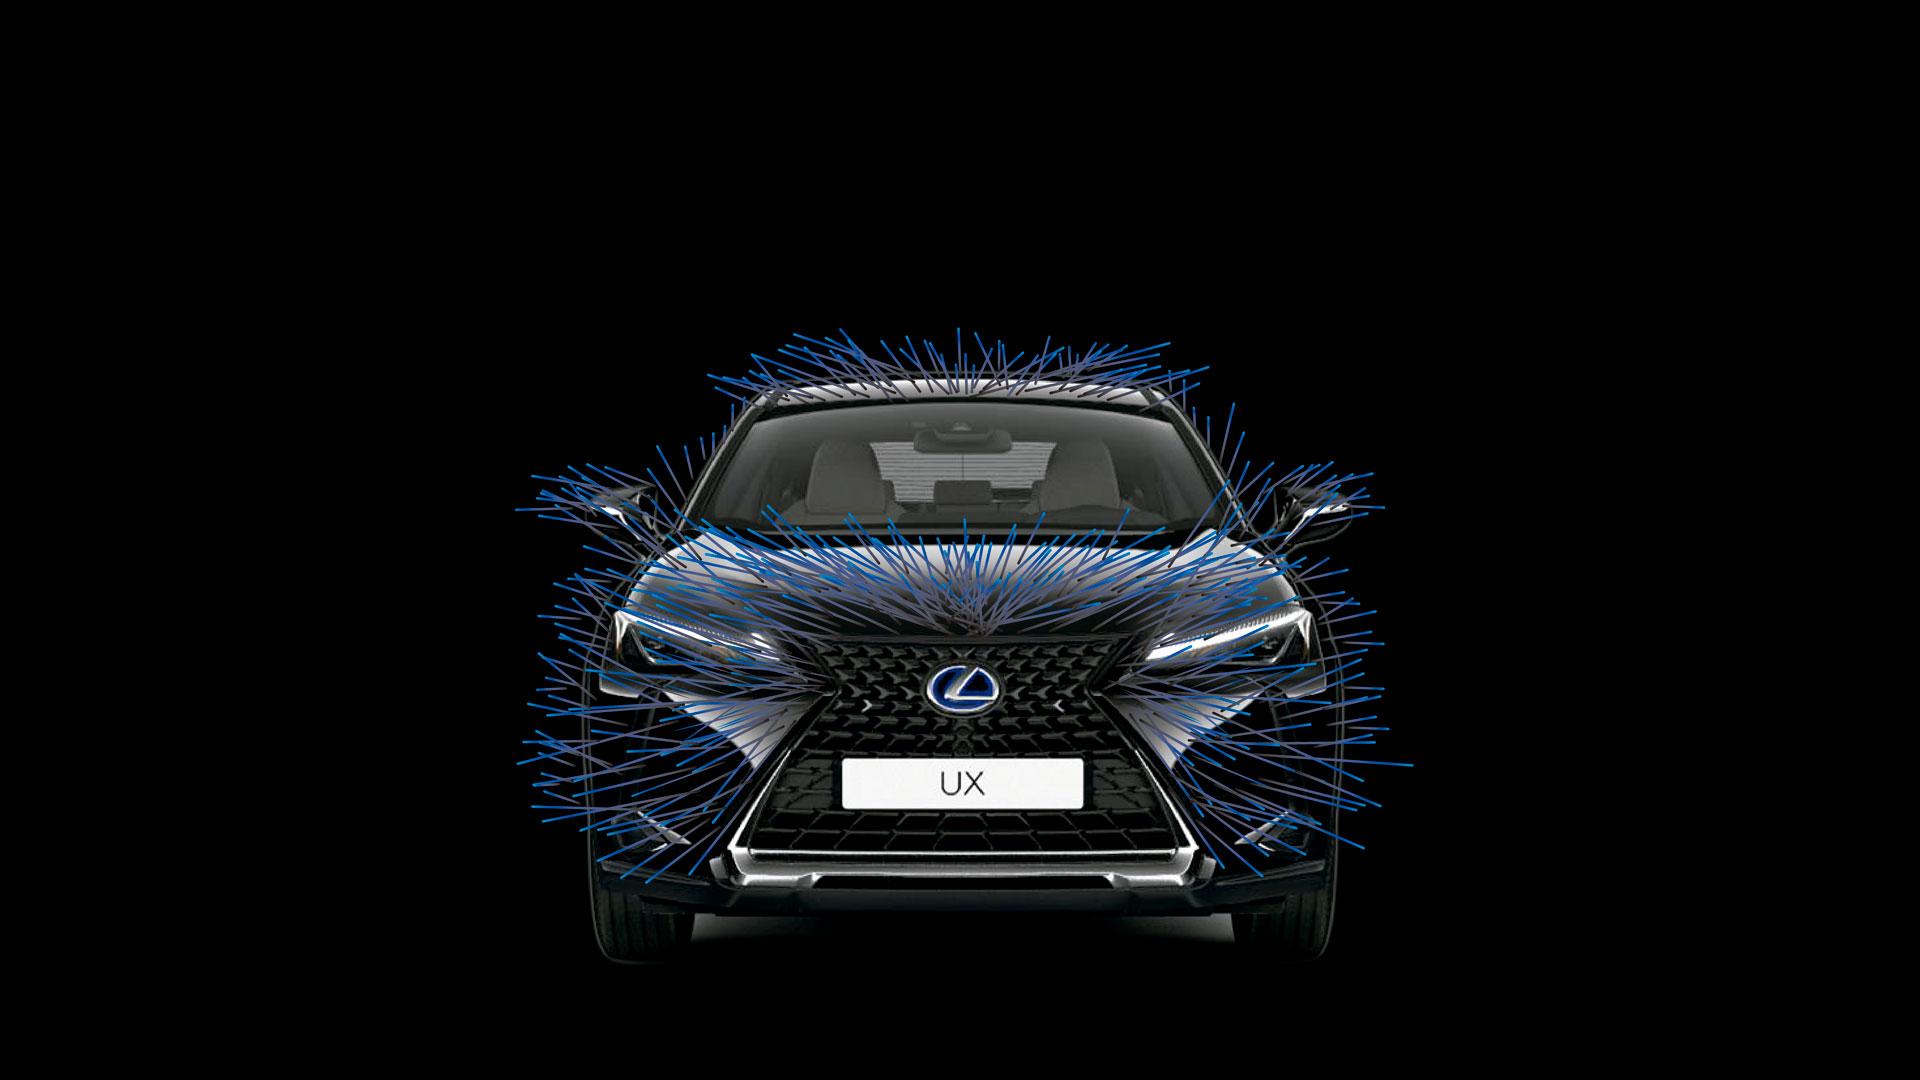 Diseño realizado por Ana Soler Baena para el concurso Lexus UX Art Car